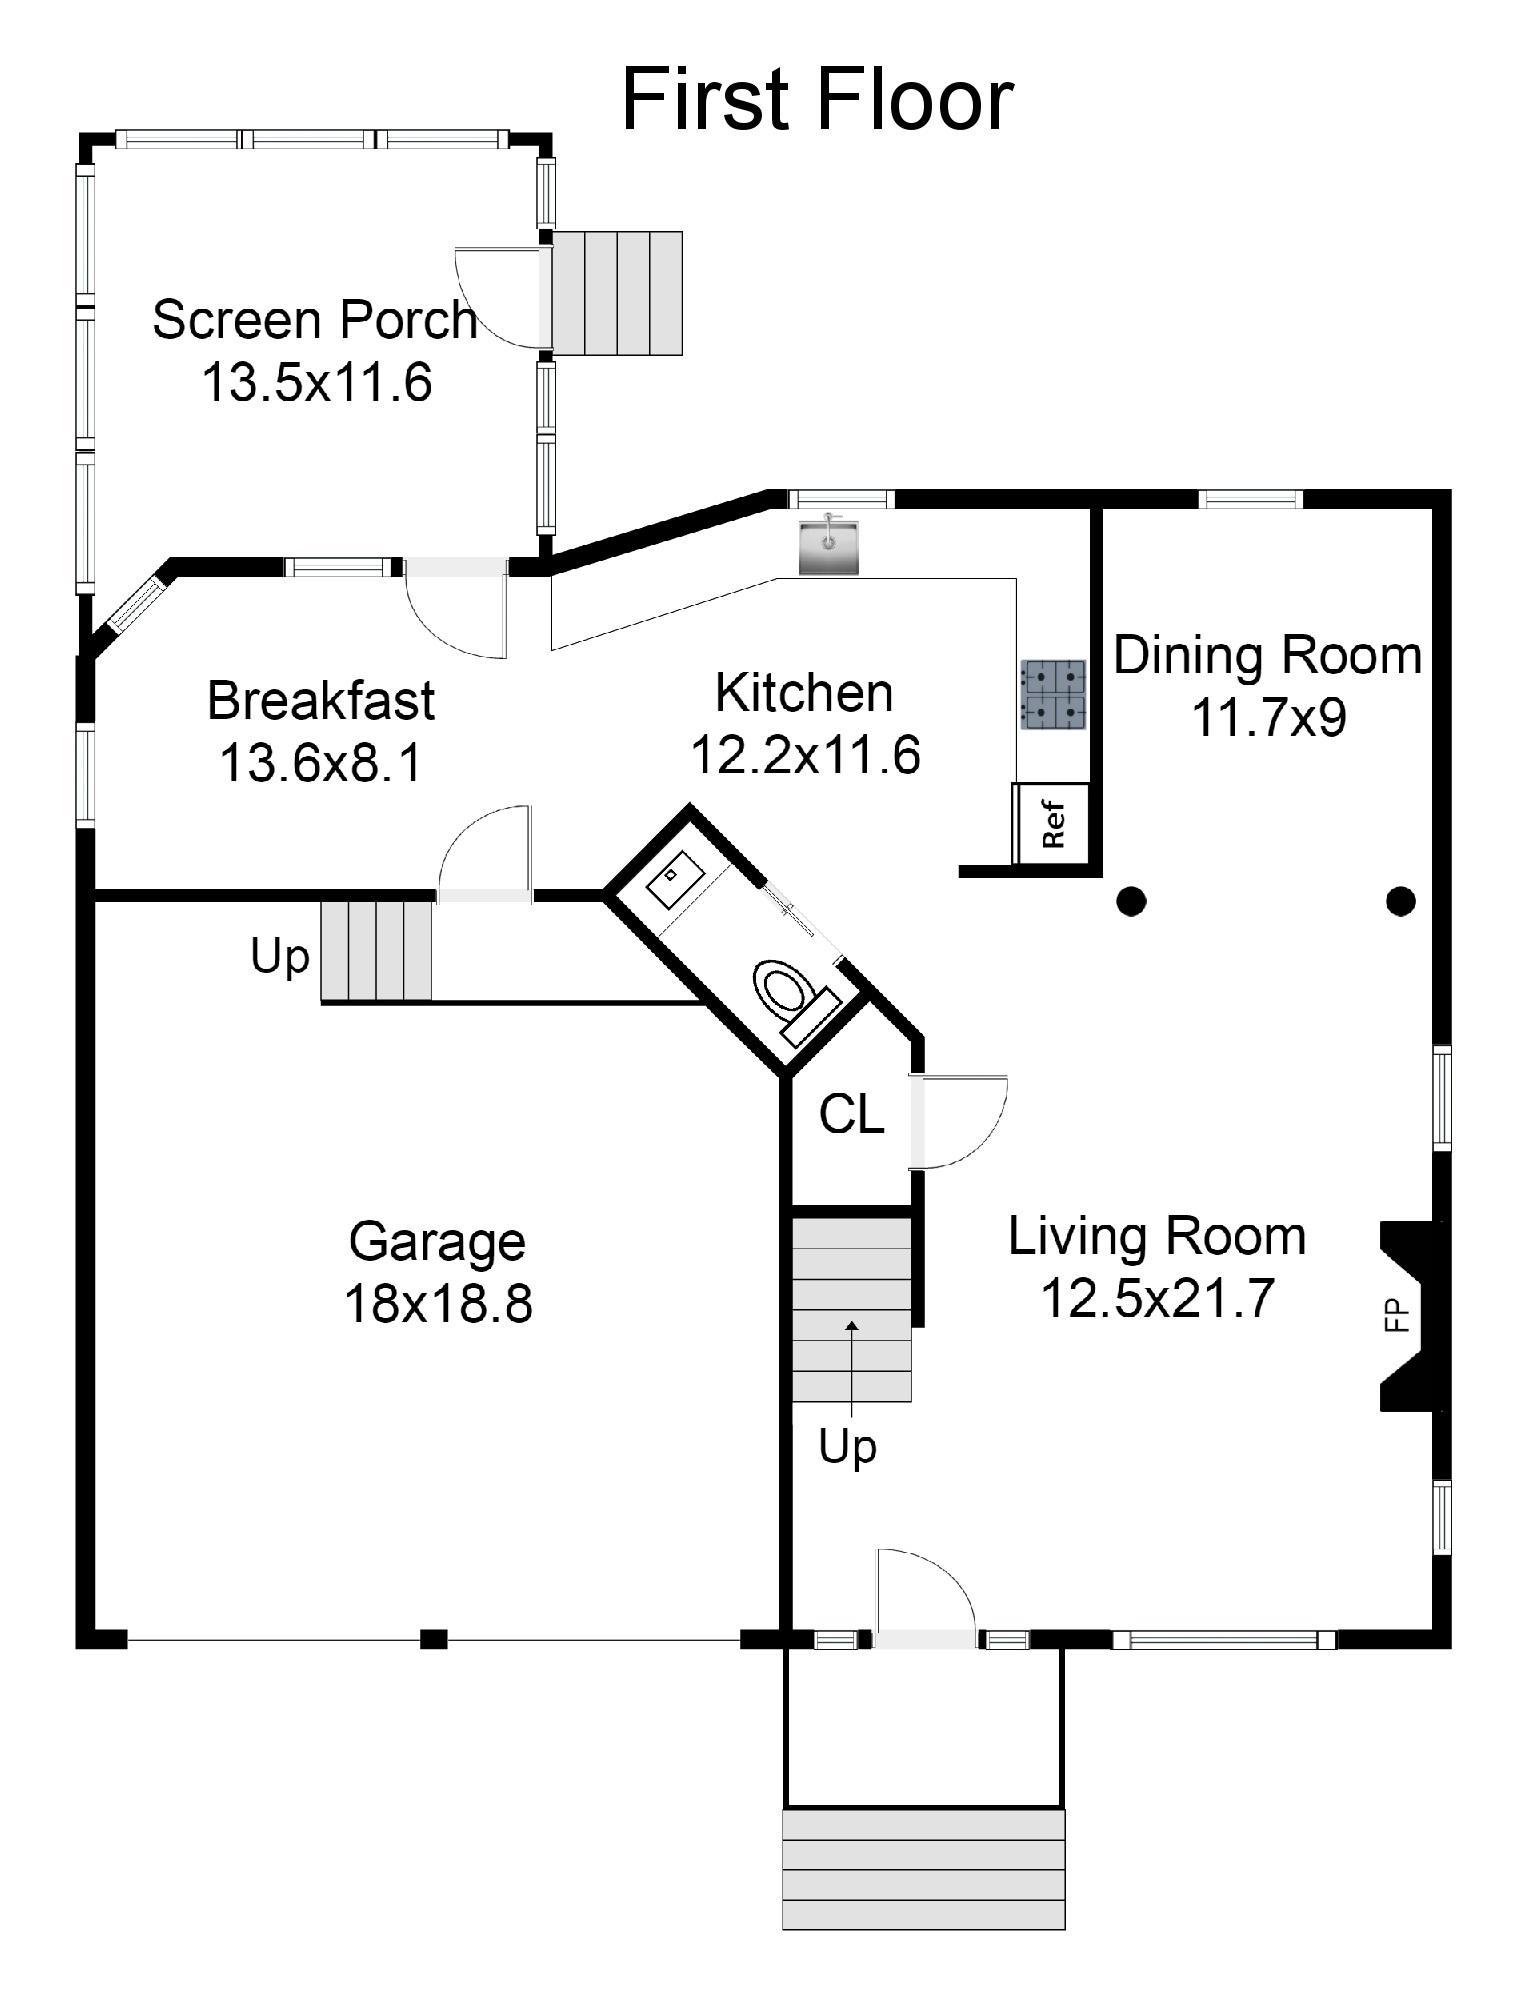 Home for sale 1541 Ocean Neighbors Boulevard, Ocean Neighbors, James Island, SC